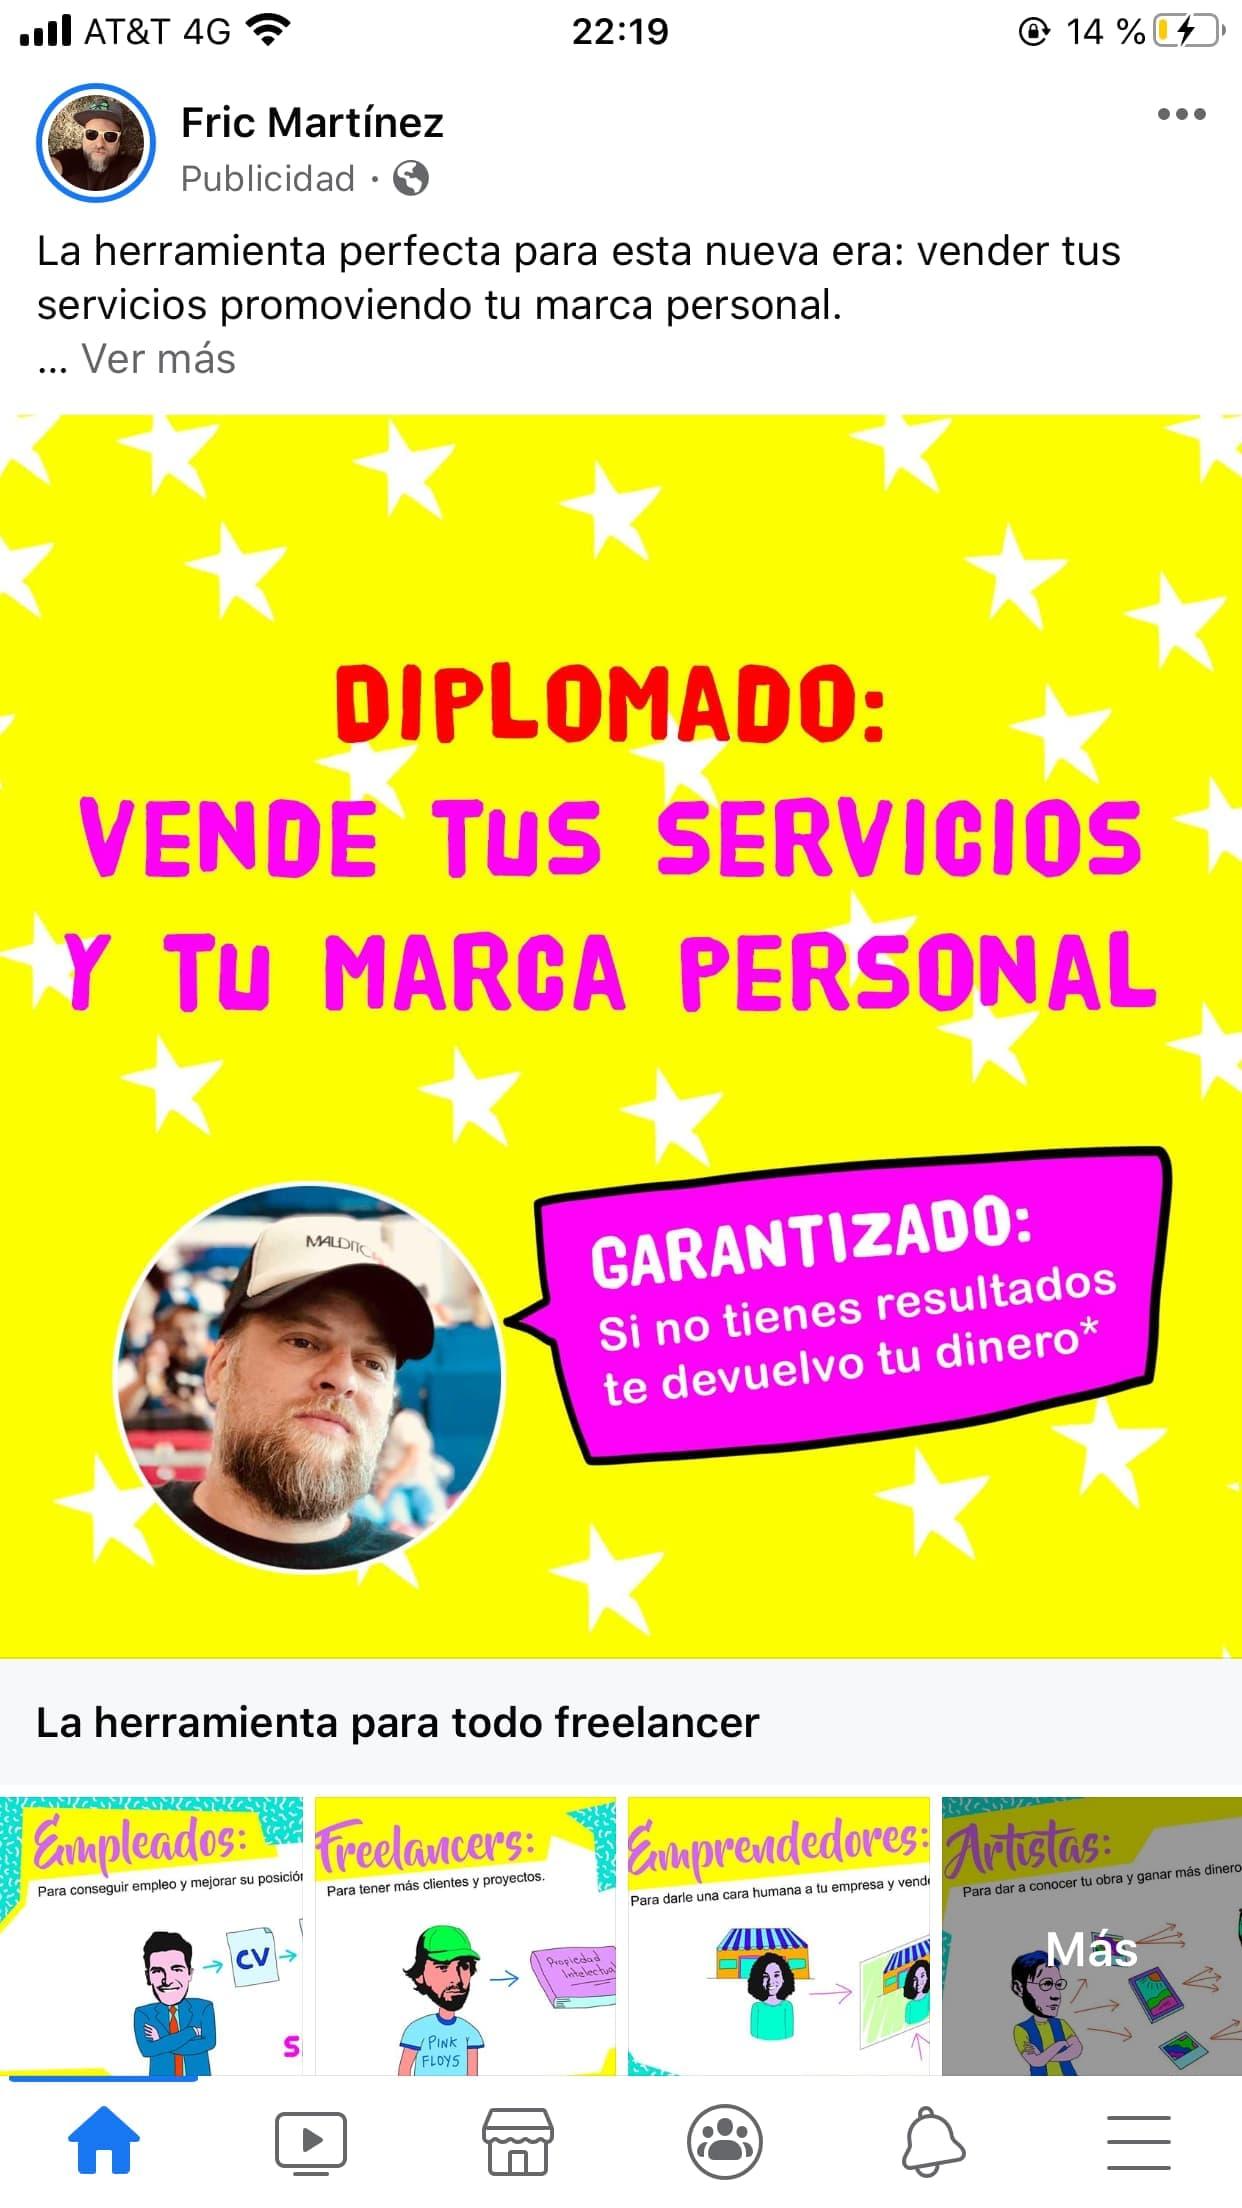 Ejemplo de anuncio de Facebook de Fric Martínez